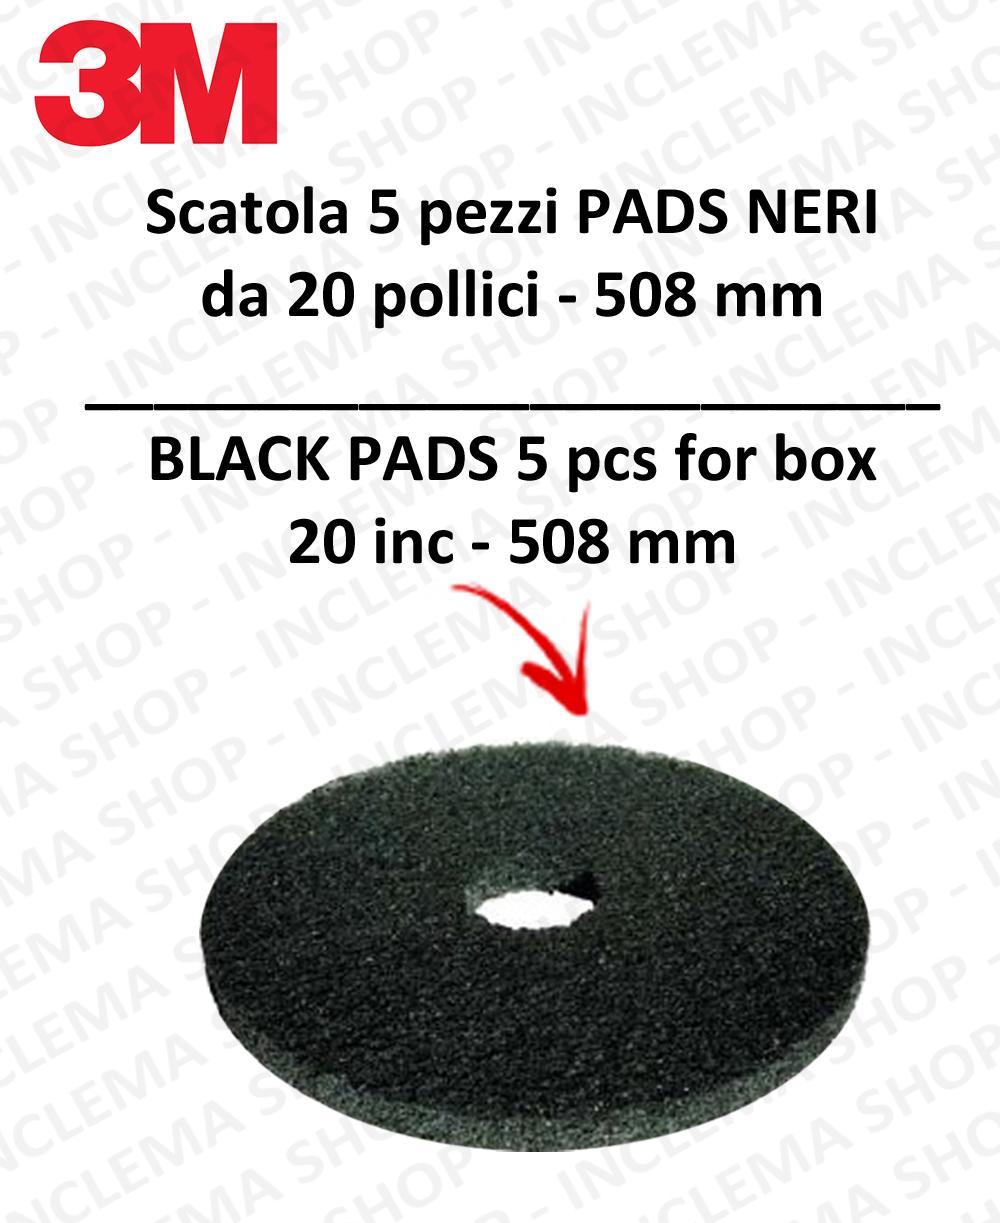 PAD 3M 5 PEZZI color Nero da 20 pollici  508 mm lavapavimenti e monospazzole